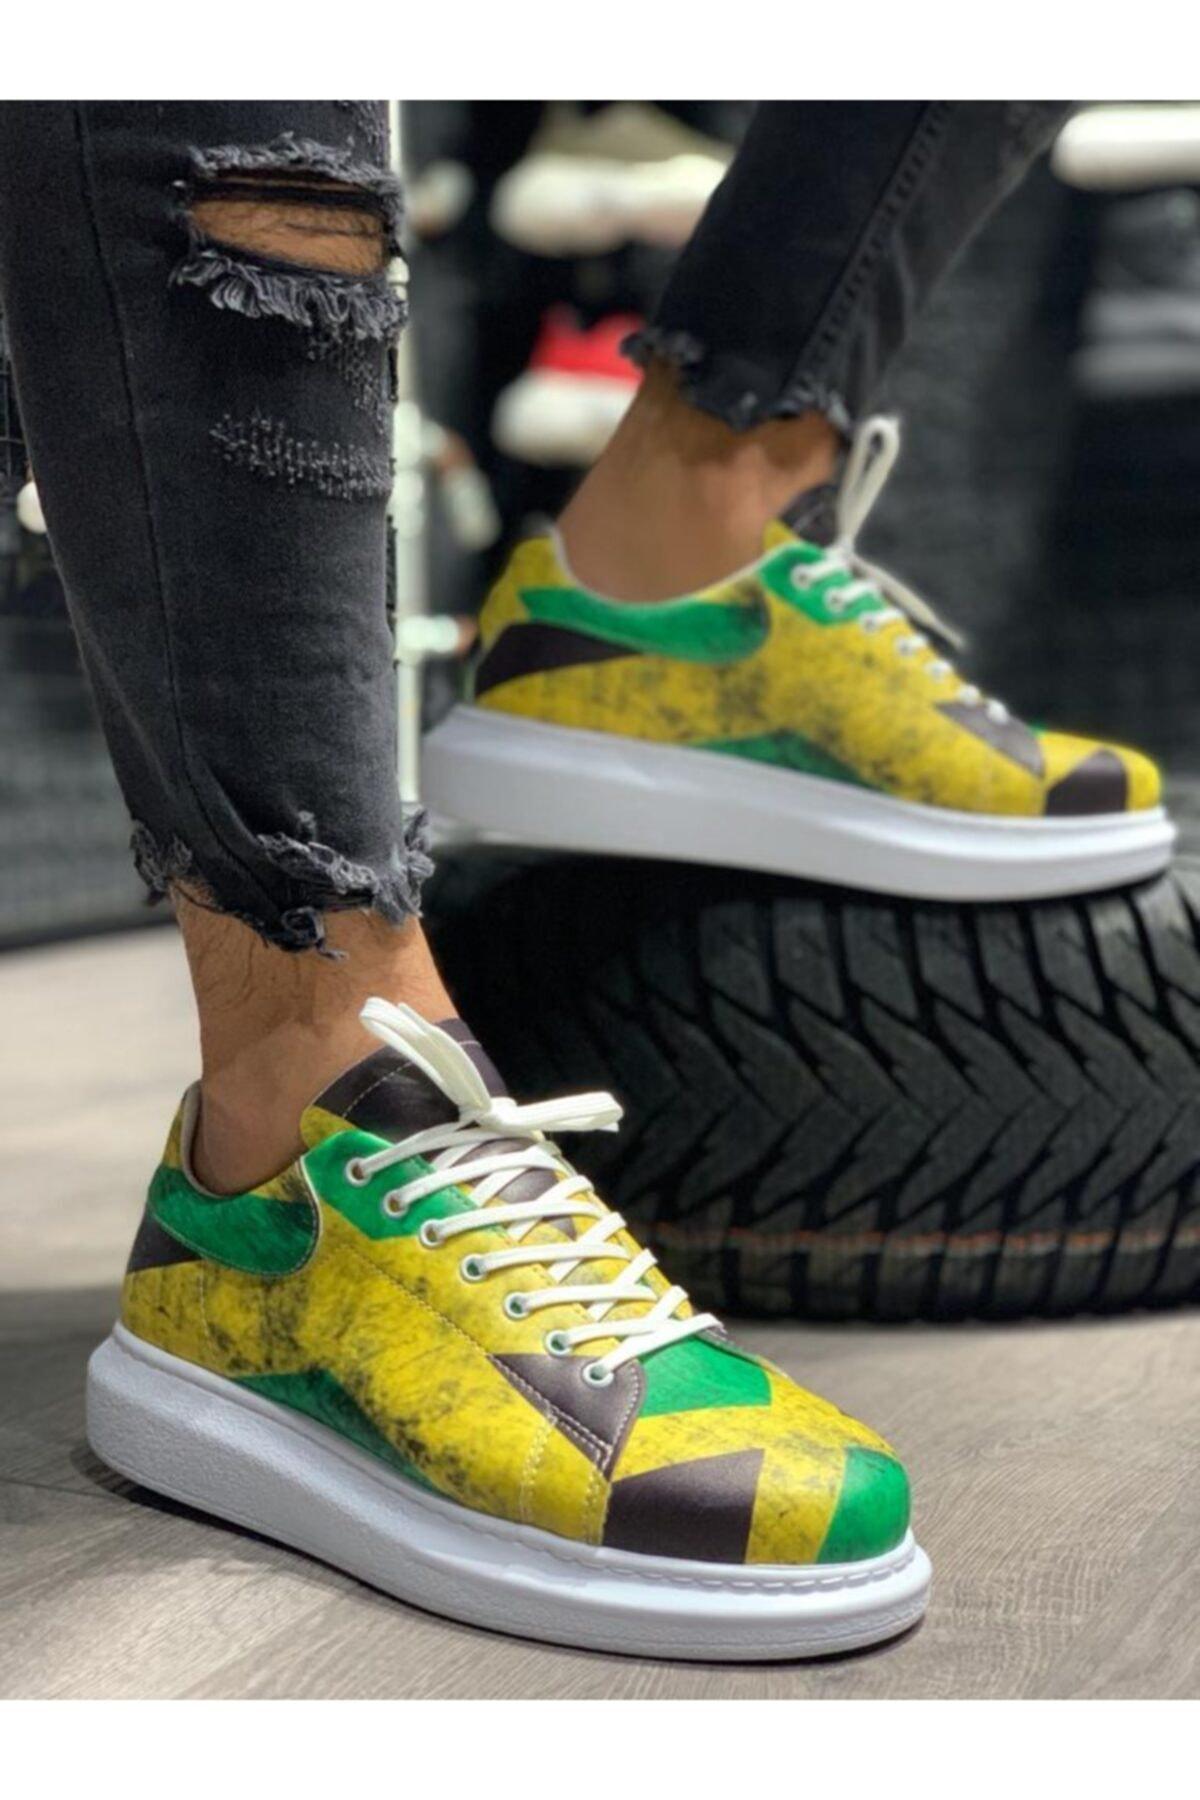 حذاء رياضي بطبعة رقمية للرجال من جامايكا ، حذاء رياضي خفيف الوزن ، عصري ، 2021